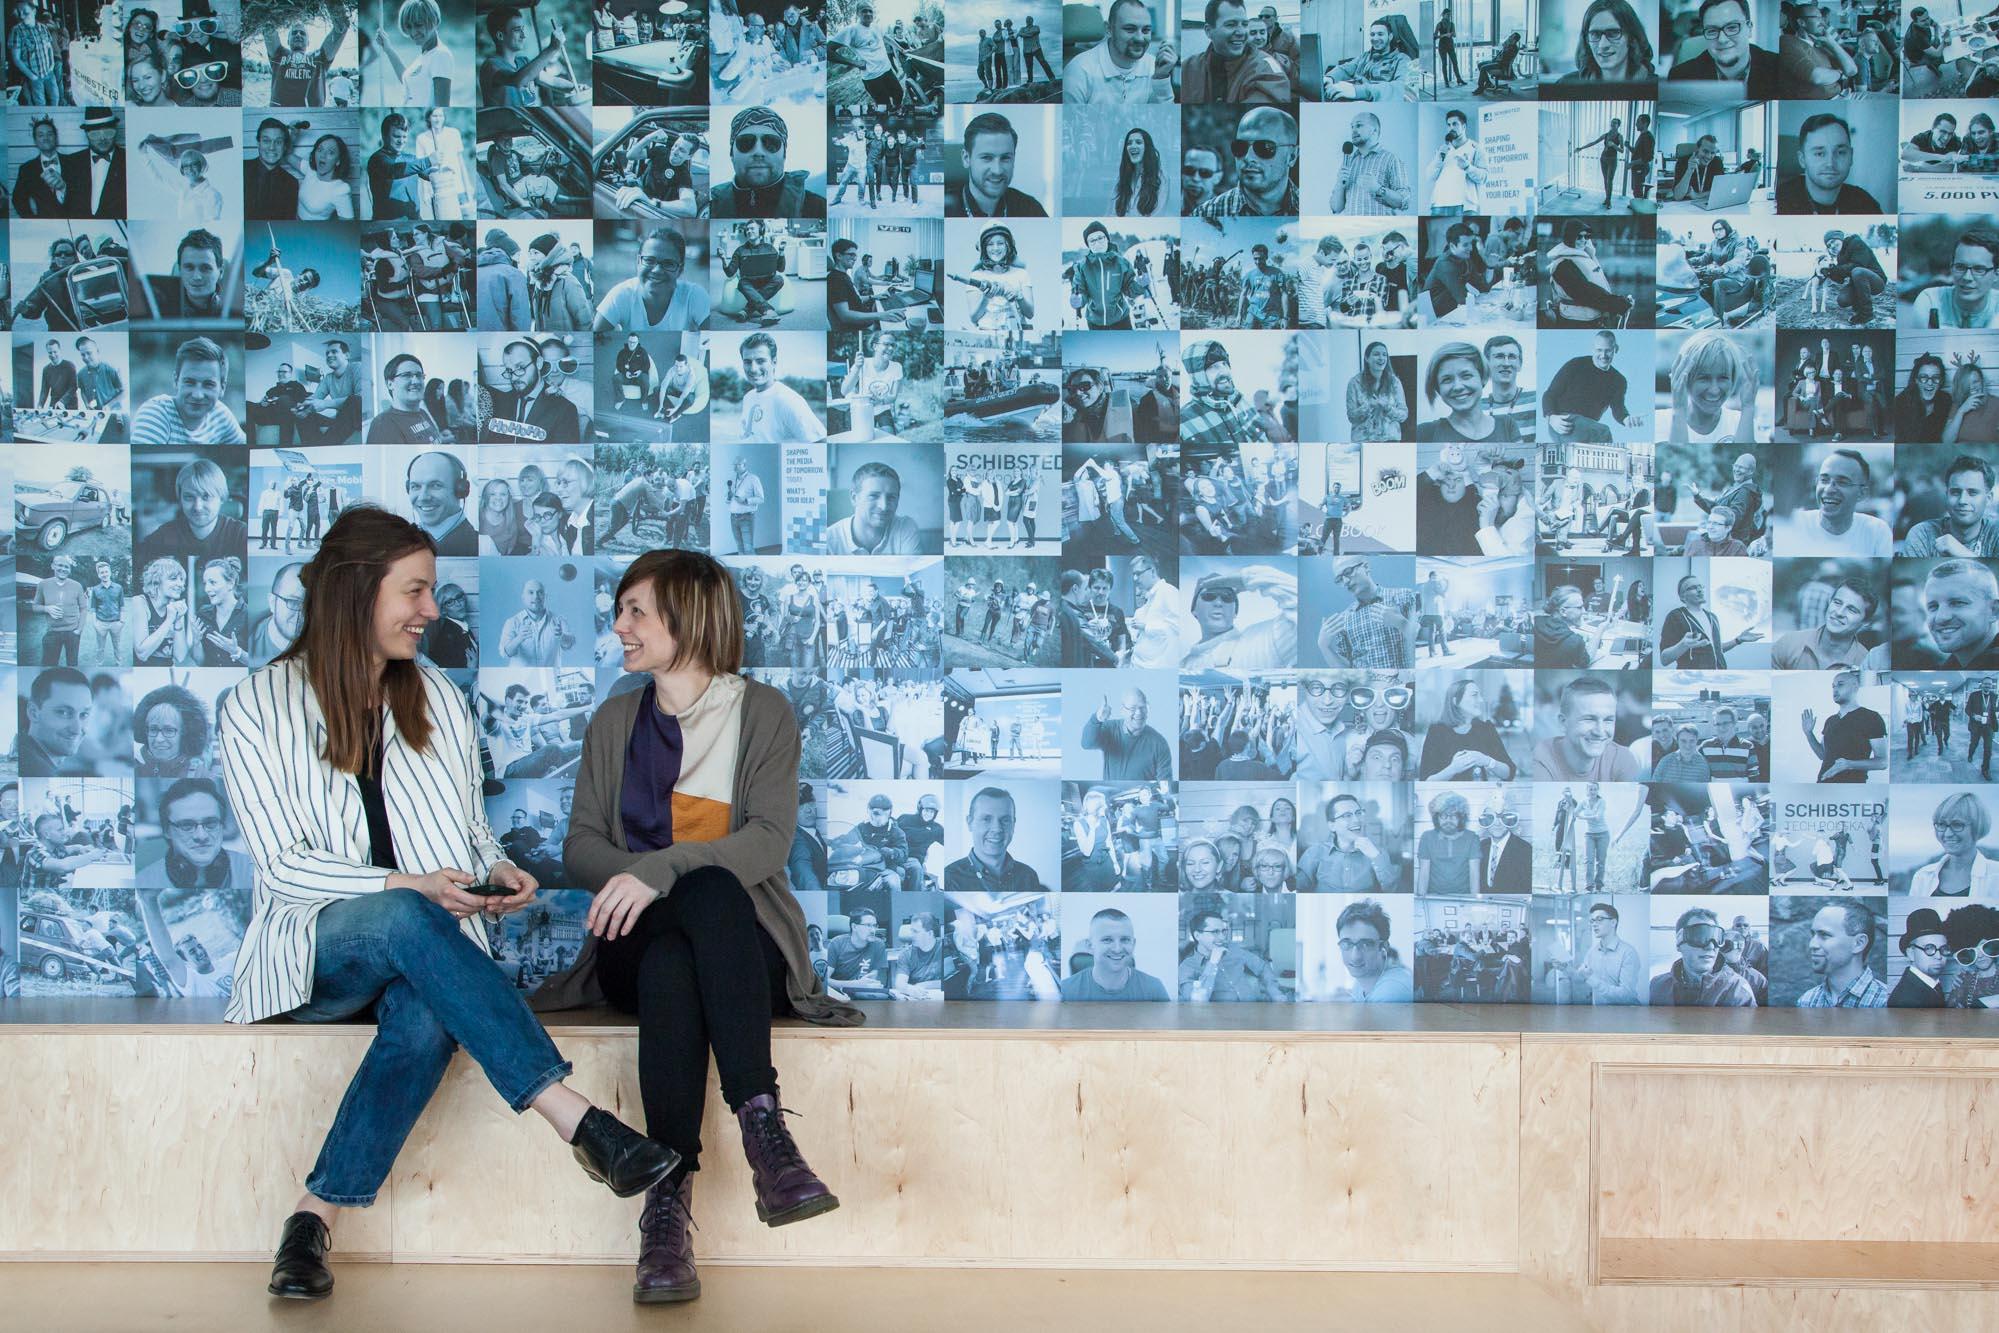 Natalia Szczesniak and Anna Danielewska-Tułecka chatting in front of the wall with 216 photos of employees. Photo: John Einar Sandvand